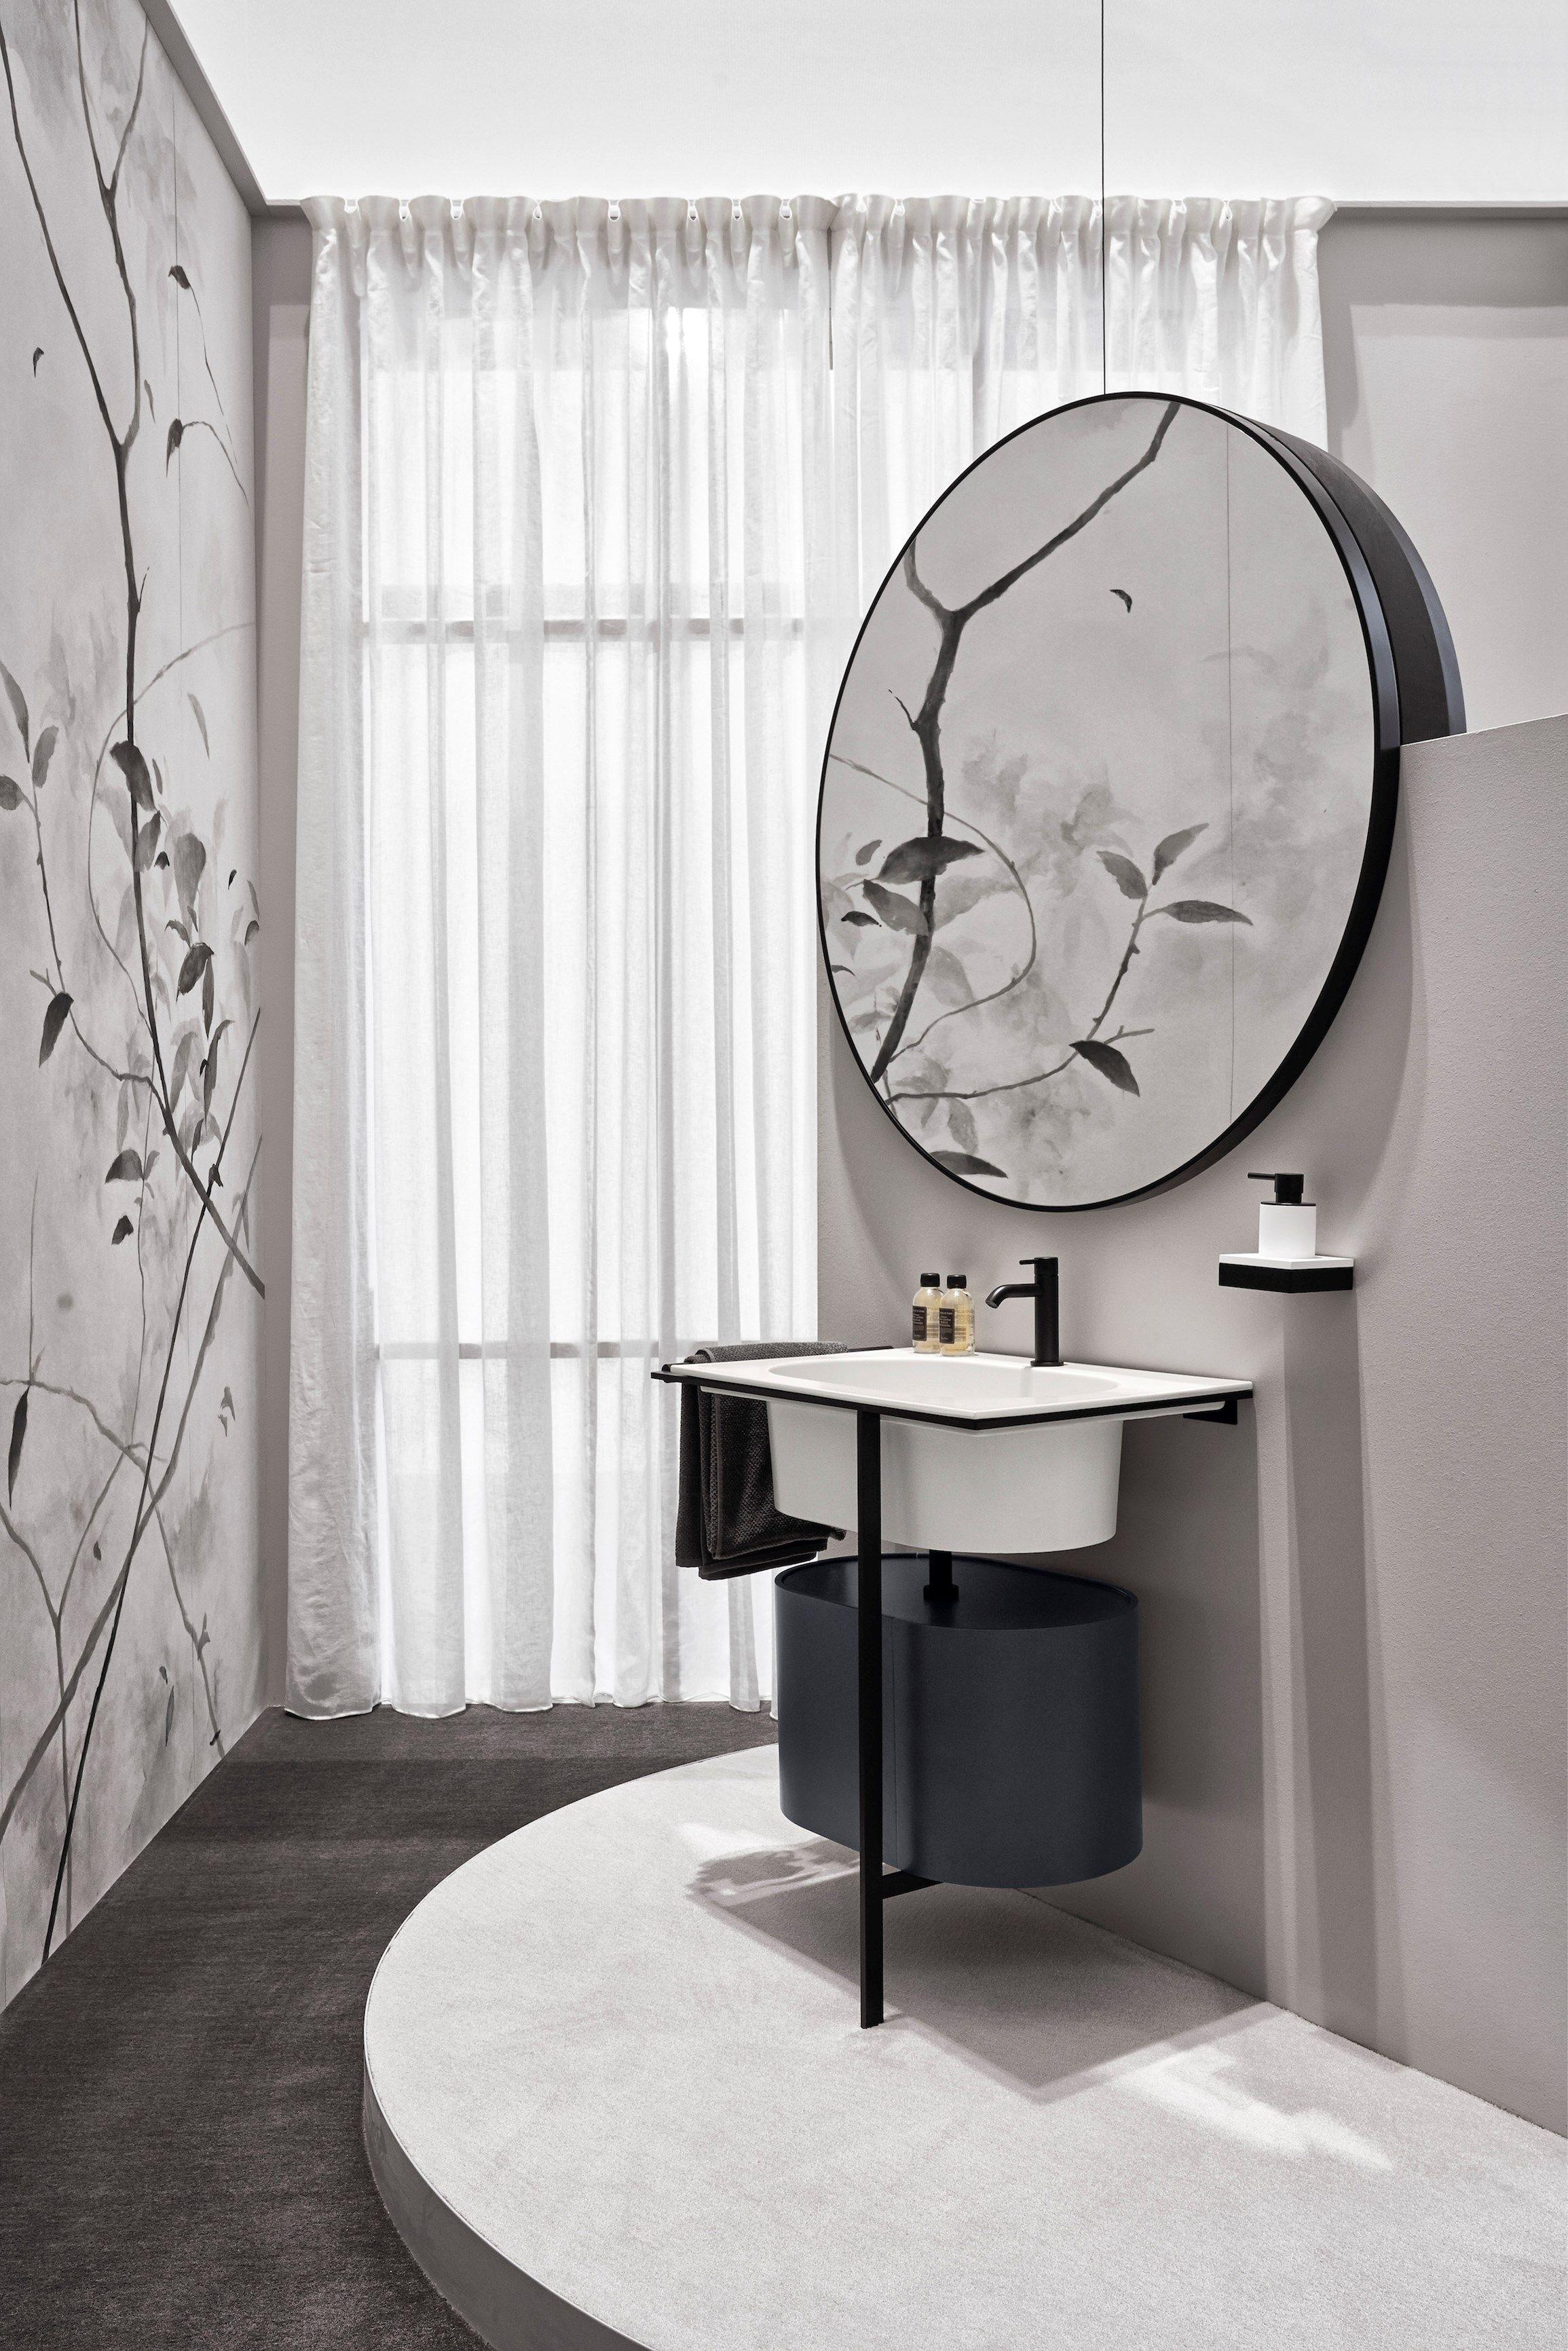 Einzel Waschtischunterschrank mit Türen KYROS By Ceramica